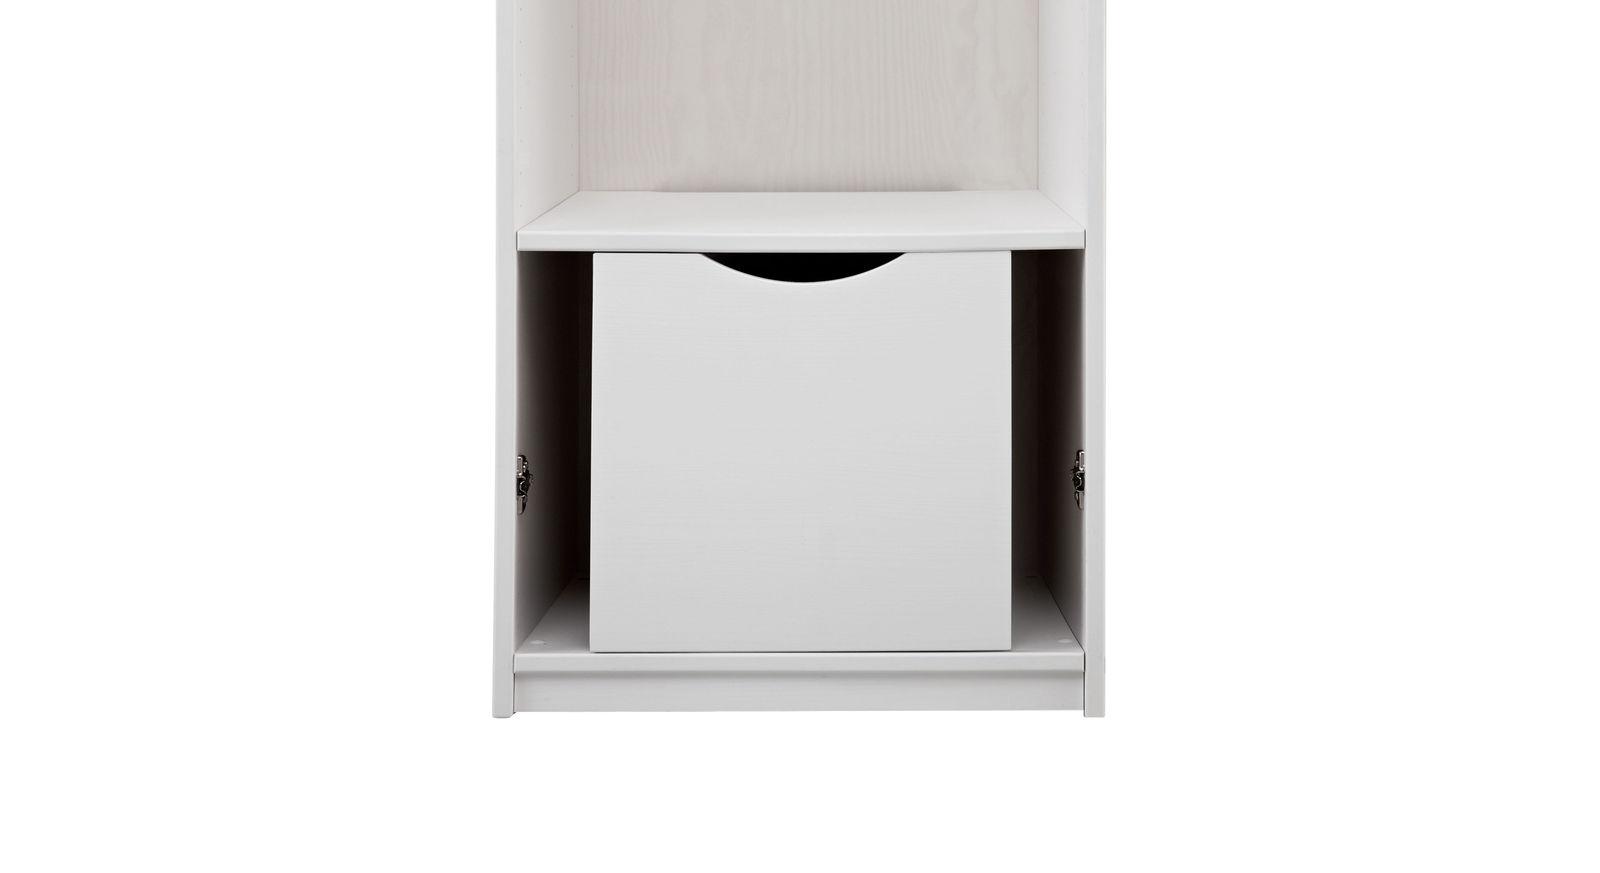 LIFETIME Kleiderschrank-Innenausstattung schmale Innenschublade